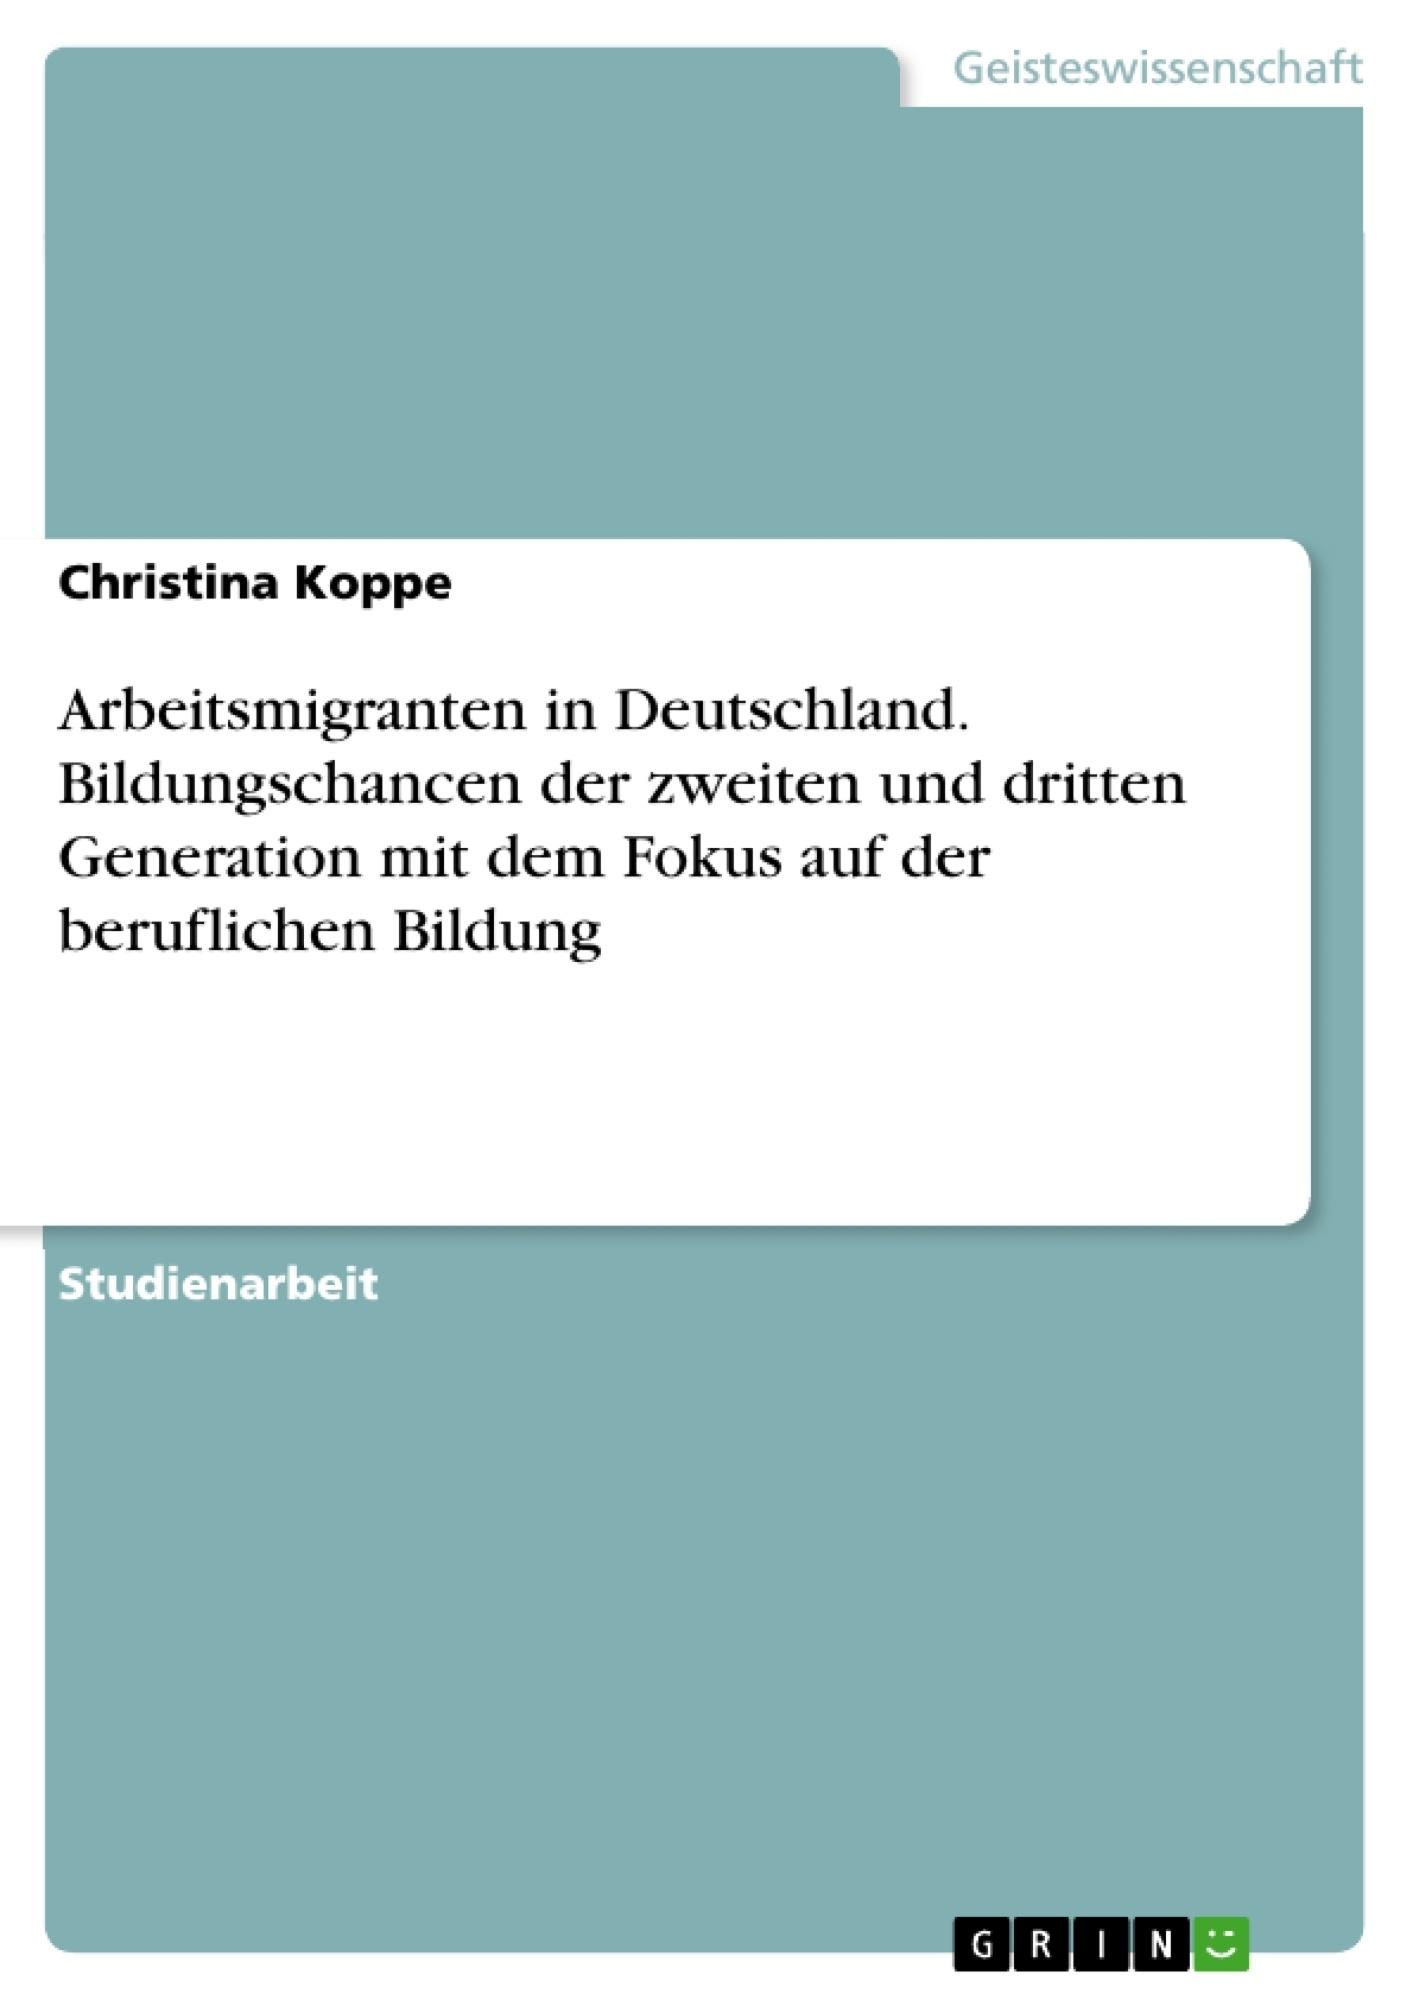 Titel: Arbeitsmigranten in Deutschland. Bildungschancen der zweiten und dritten Generation mit dem Fokus auf der beruflichen Bildung